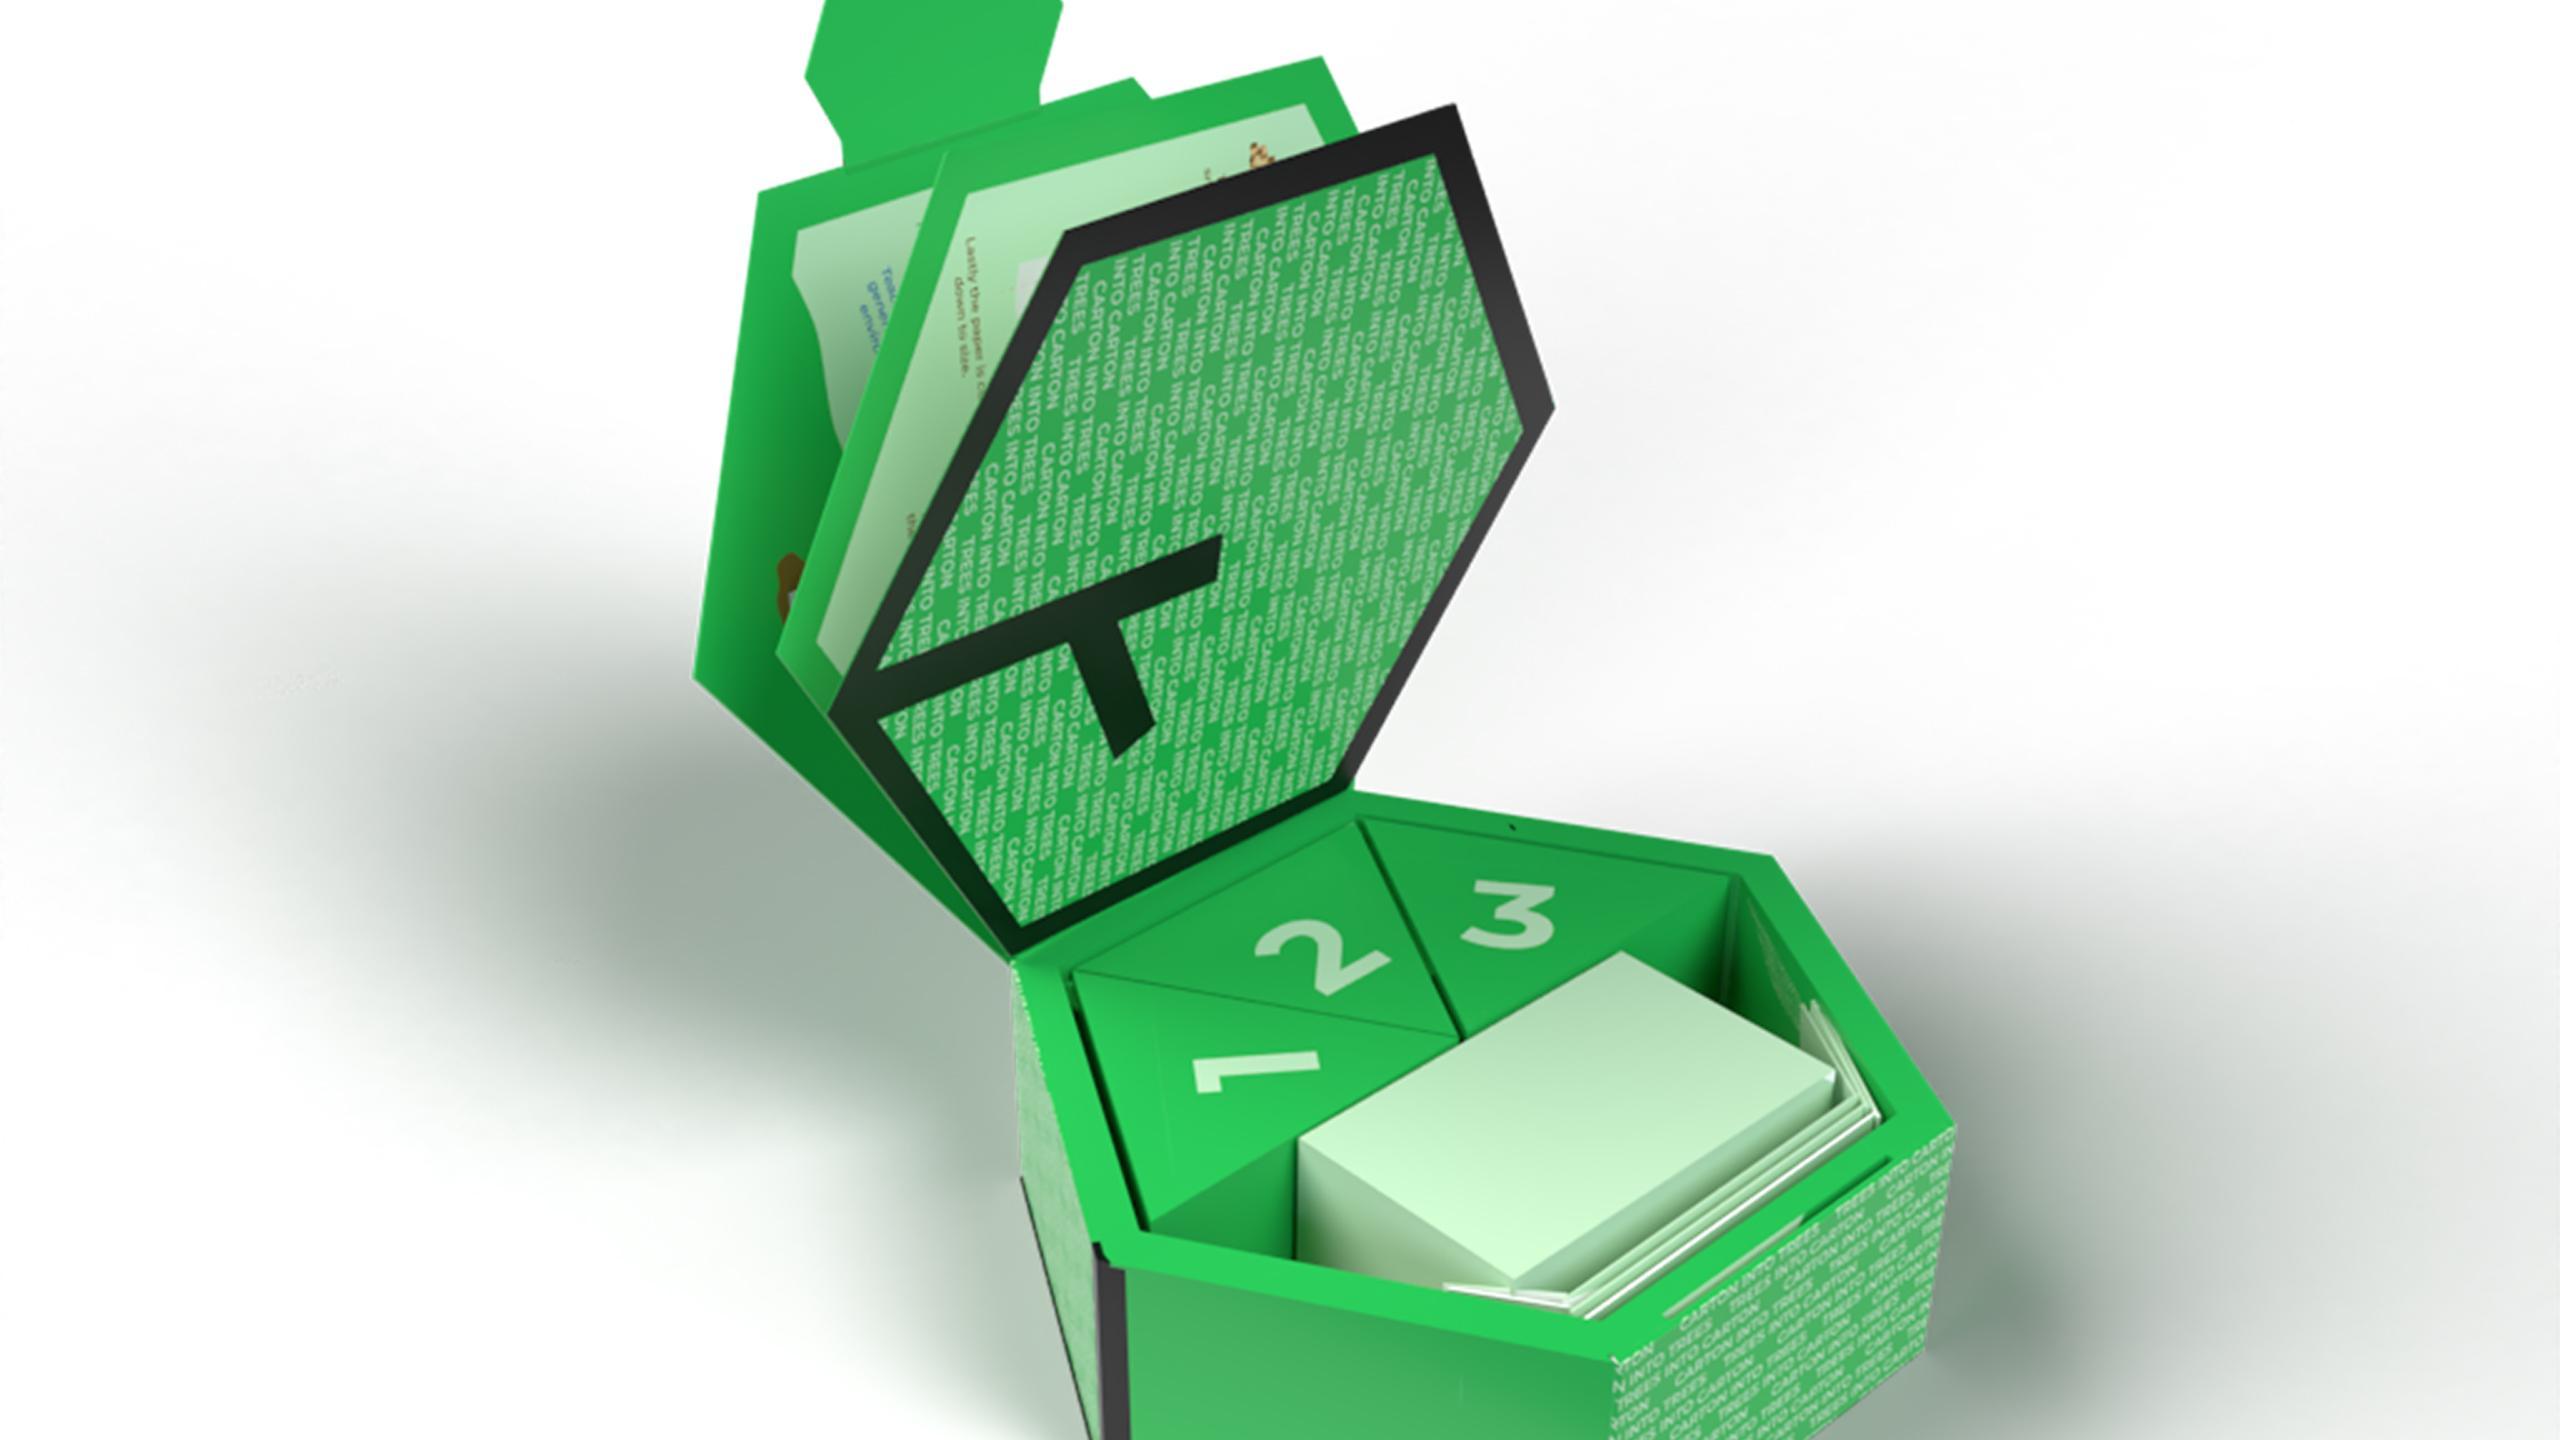 Green hexagonal paper box.